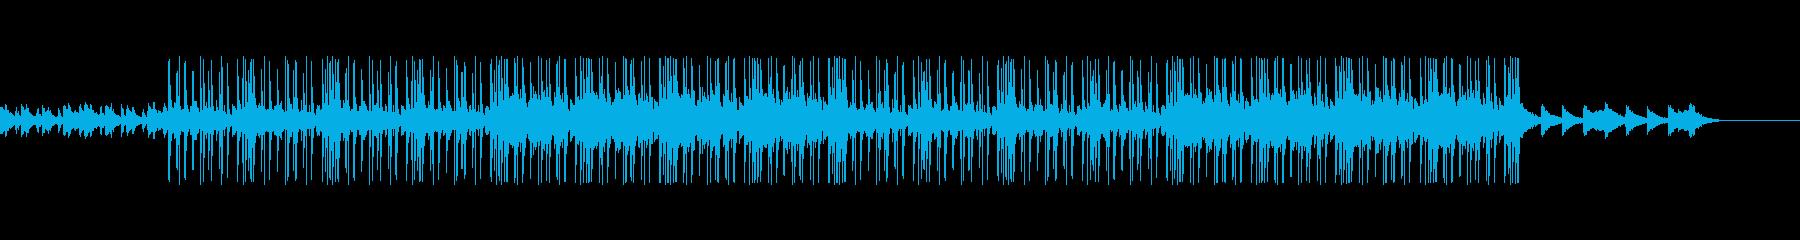 チルでエモいLO-FI HIPHOPの再生済みの波形